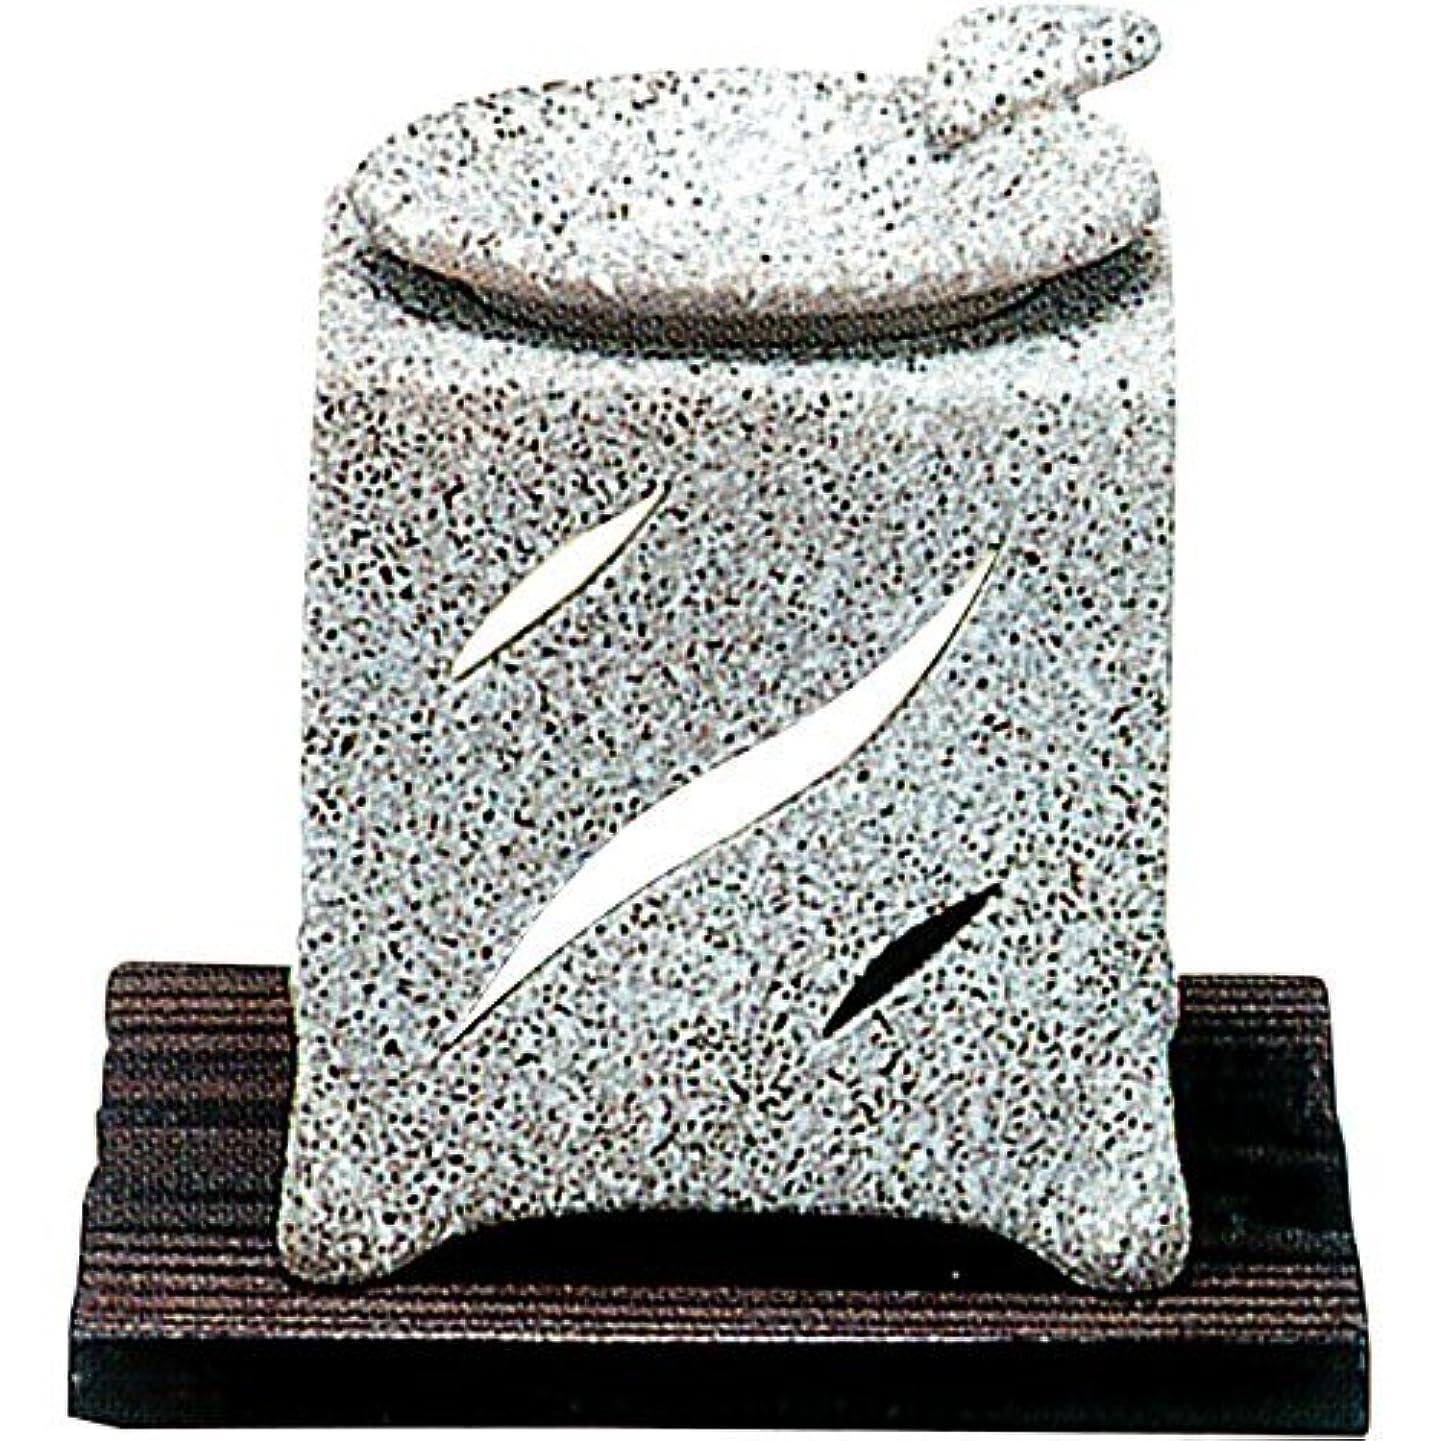 哀れな首尾一貫した導出【常滑焼】山房 石風角形茶香炉 石風角形 10×10×H12㎝ 5-261